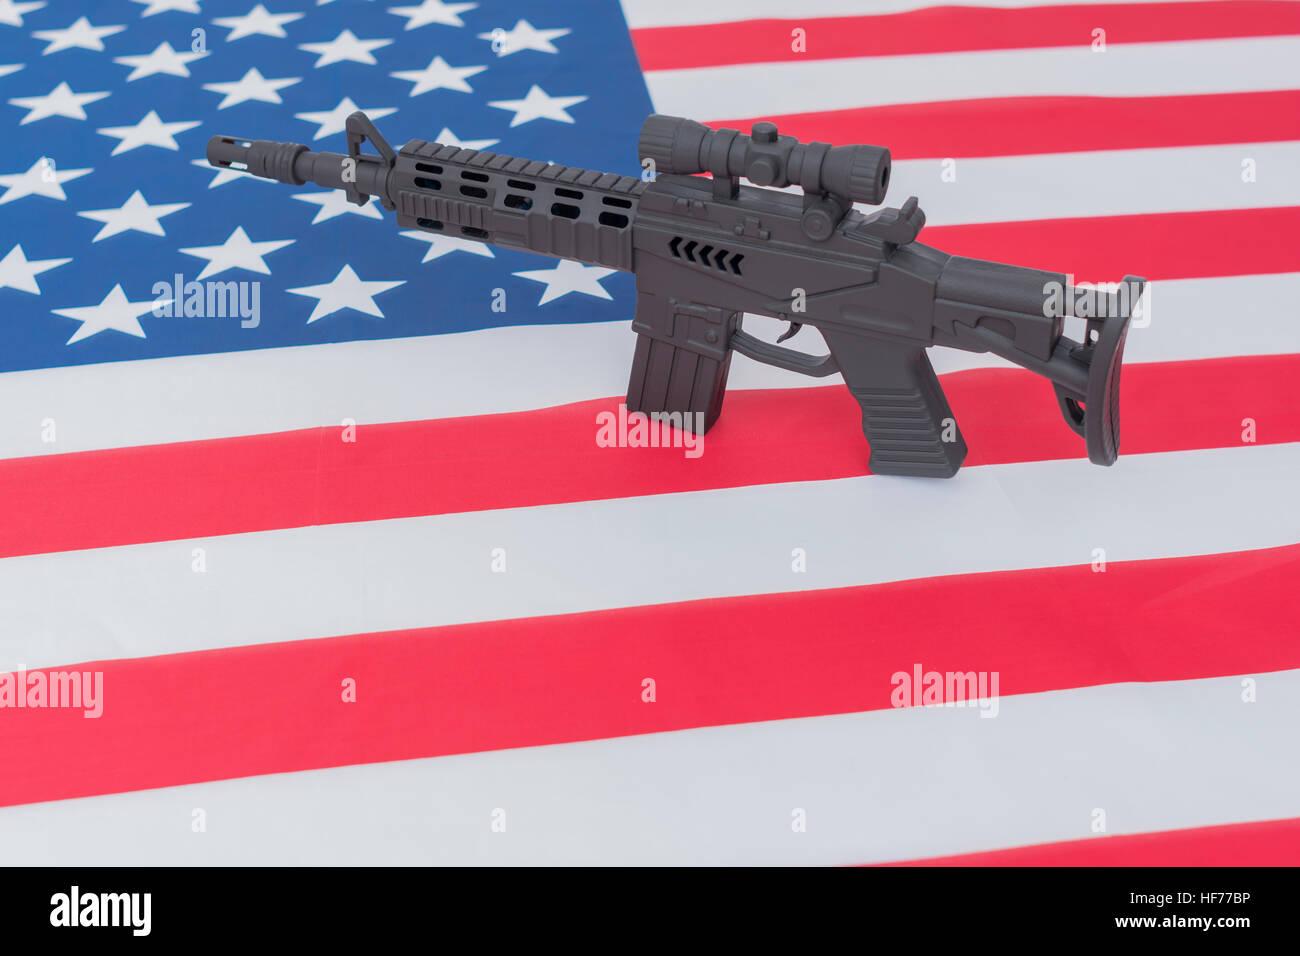 Fuego De Con Delitos Imágenes Armas Stockamp; rsQthd